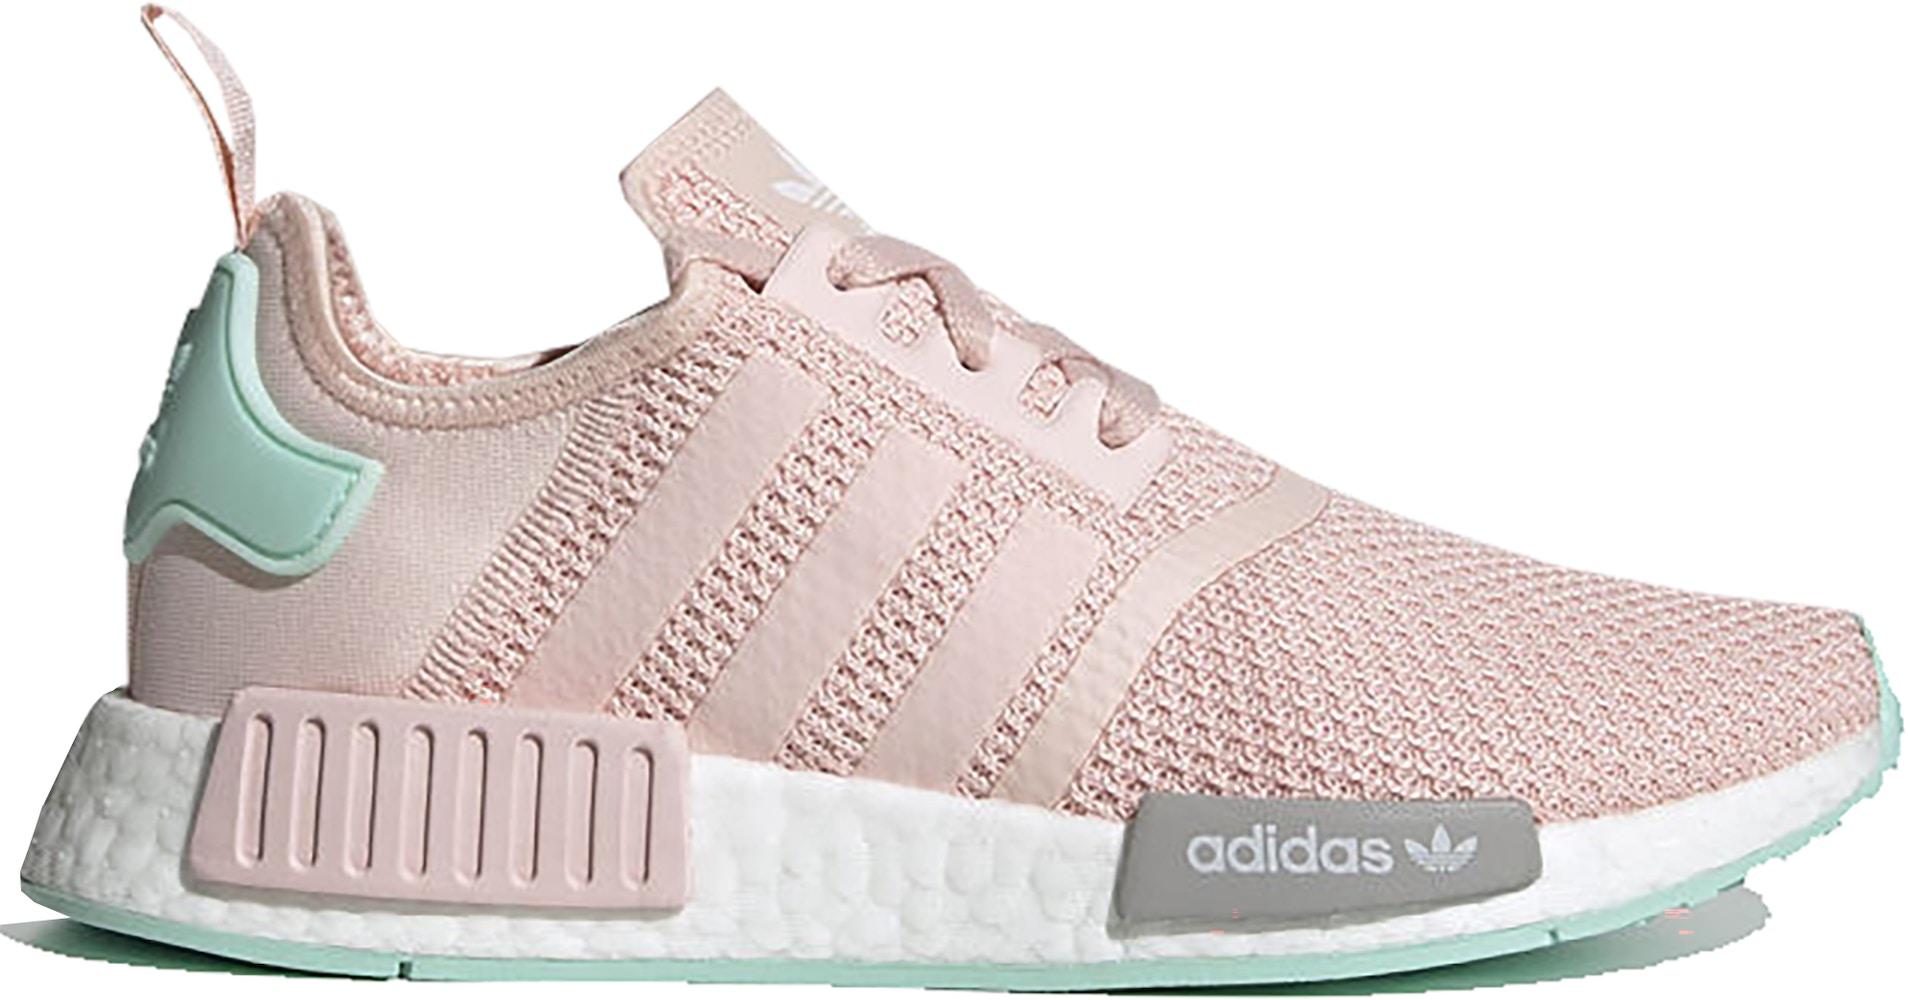 adidas NMD R1 Pink Grey Mint (W)